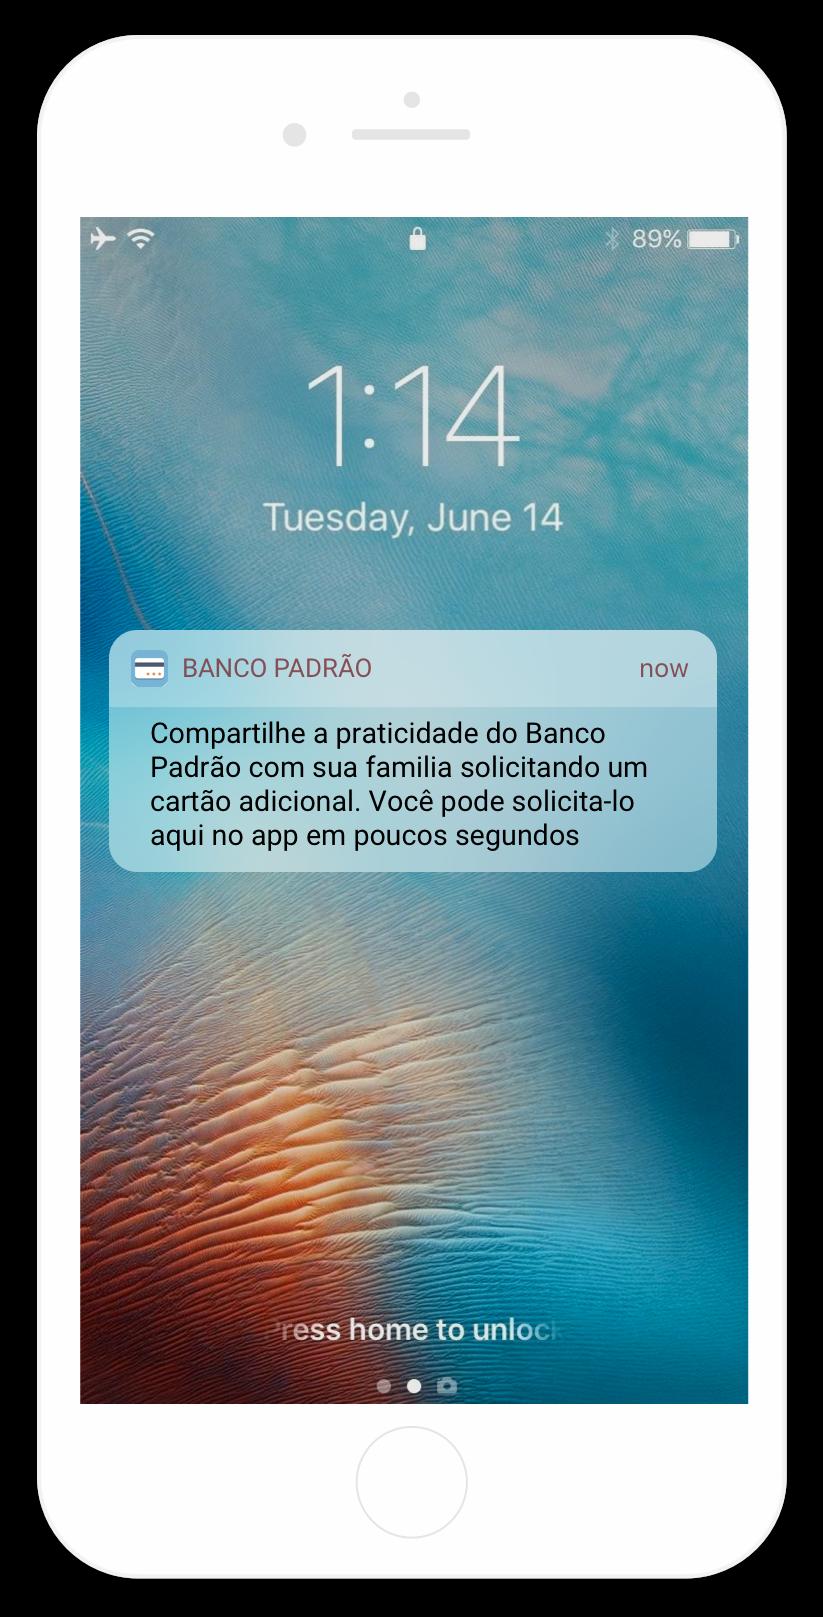 o-futuro-dos-bancos-digitais-em-mobile